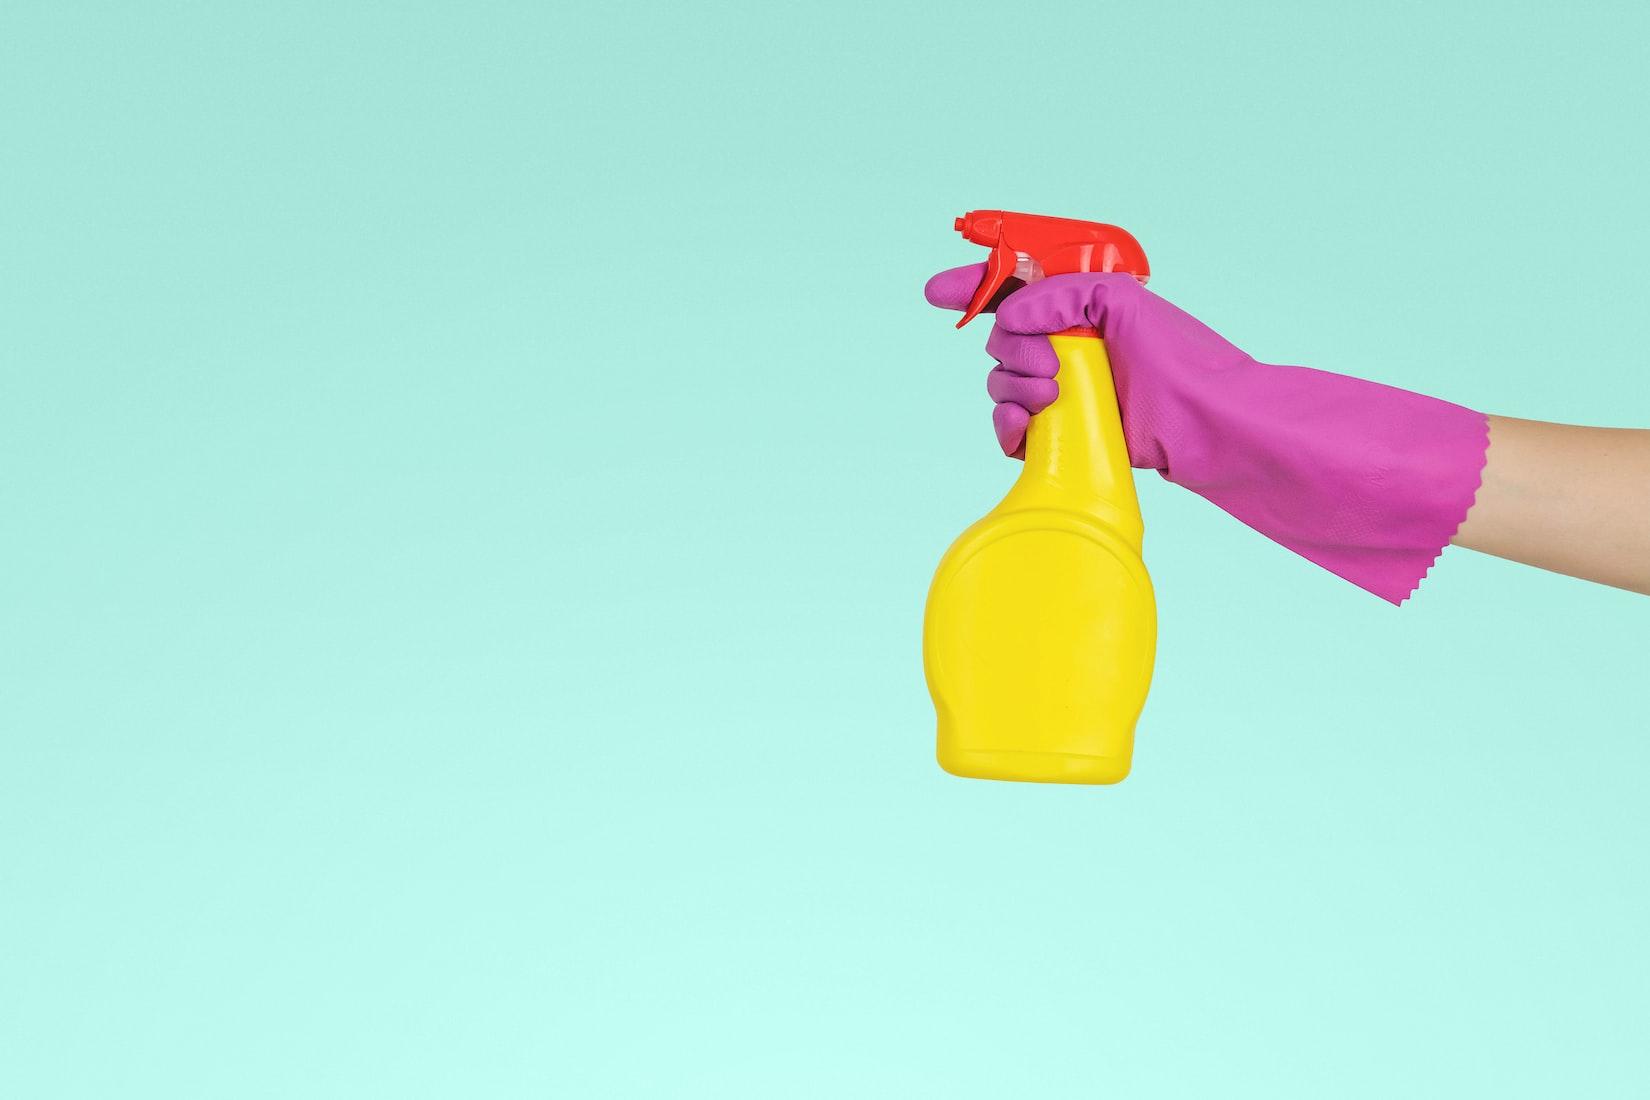 detalle de una mano con un guante que sostiene un spray para limpiar para ilustrar uno de los 7 regalos muy originales anti-estrés